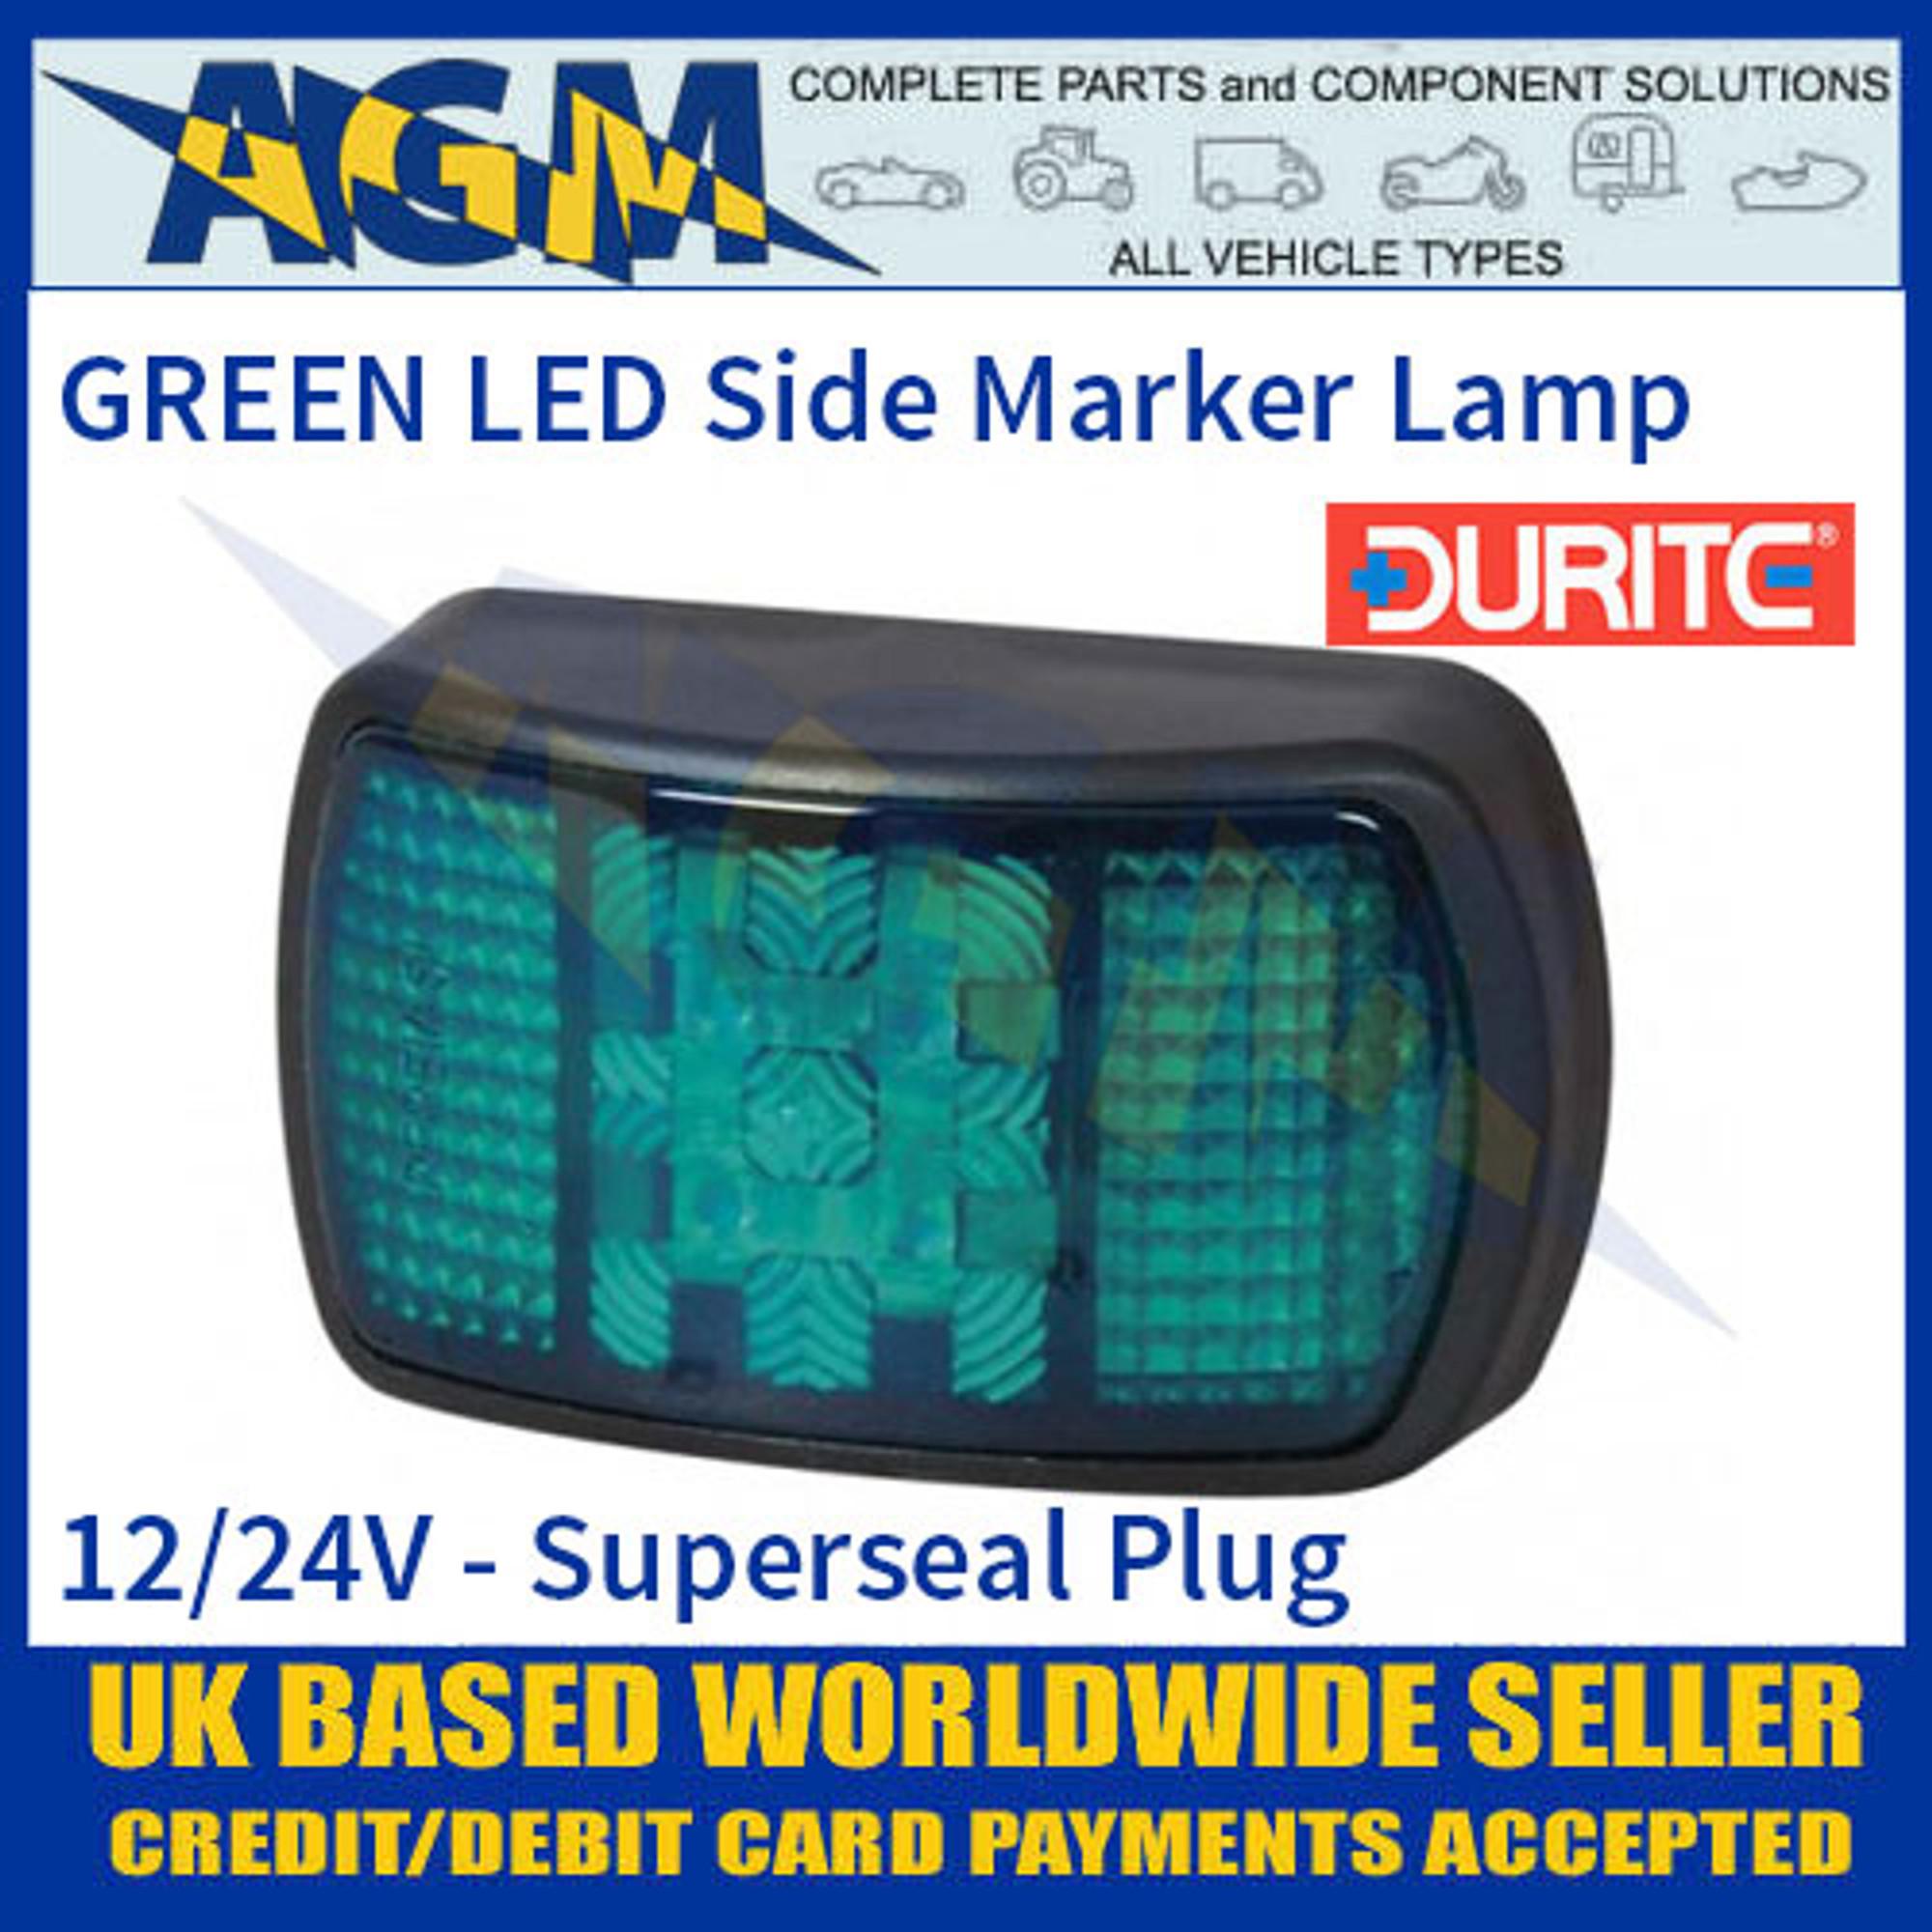 Superseal Plug,12//24v Durite 0-170-00 White LED Side Marker Lamp